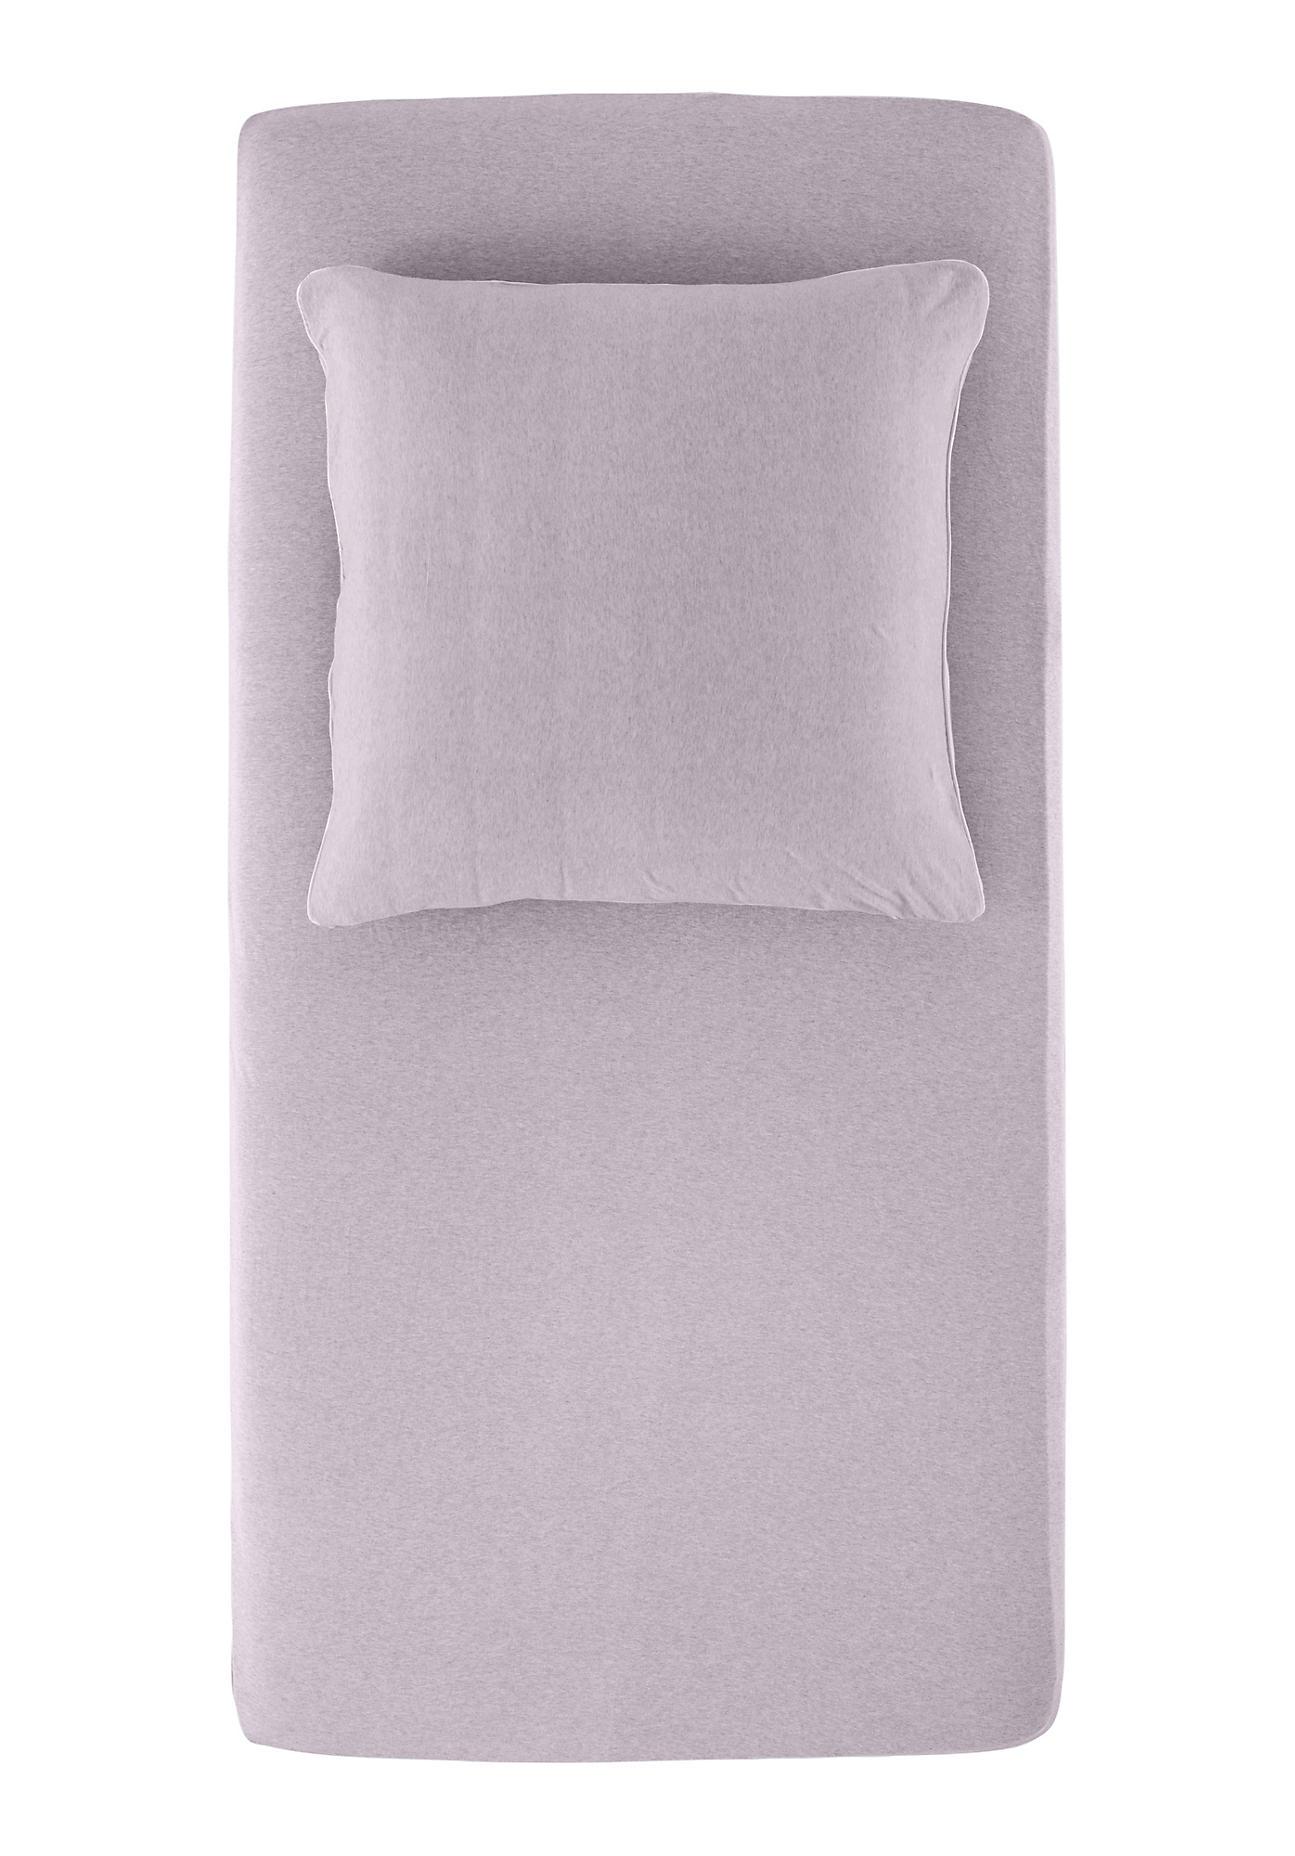 hessnatur Jersey-Spannbettlaken Liam aus Bio-Baumwolle – lila – Größe 90-100x200 cm